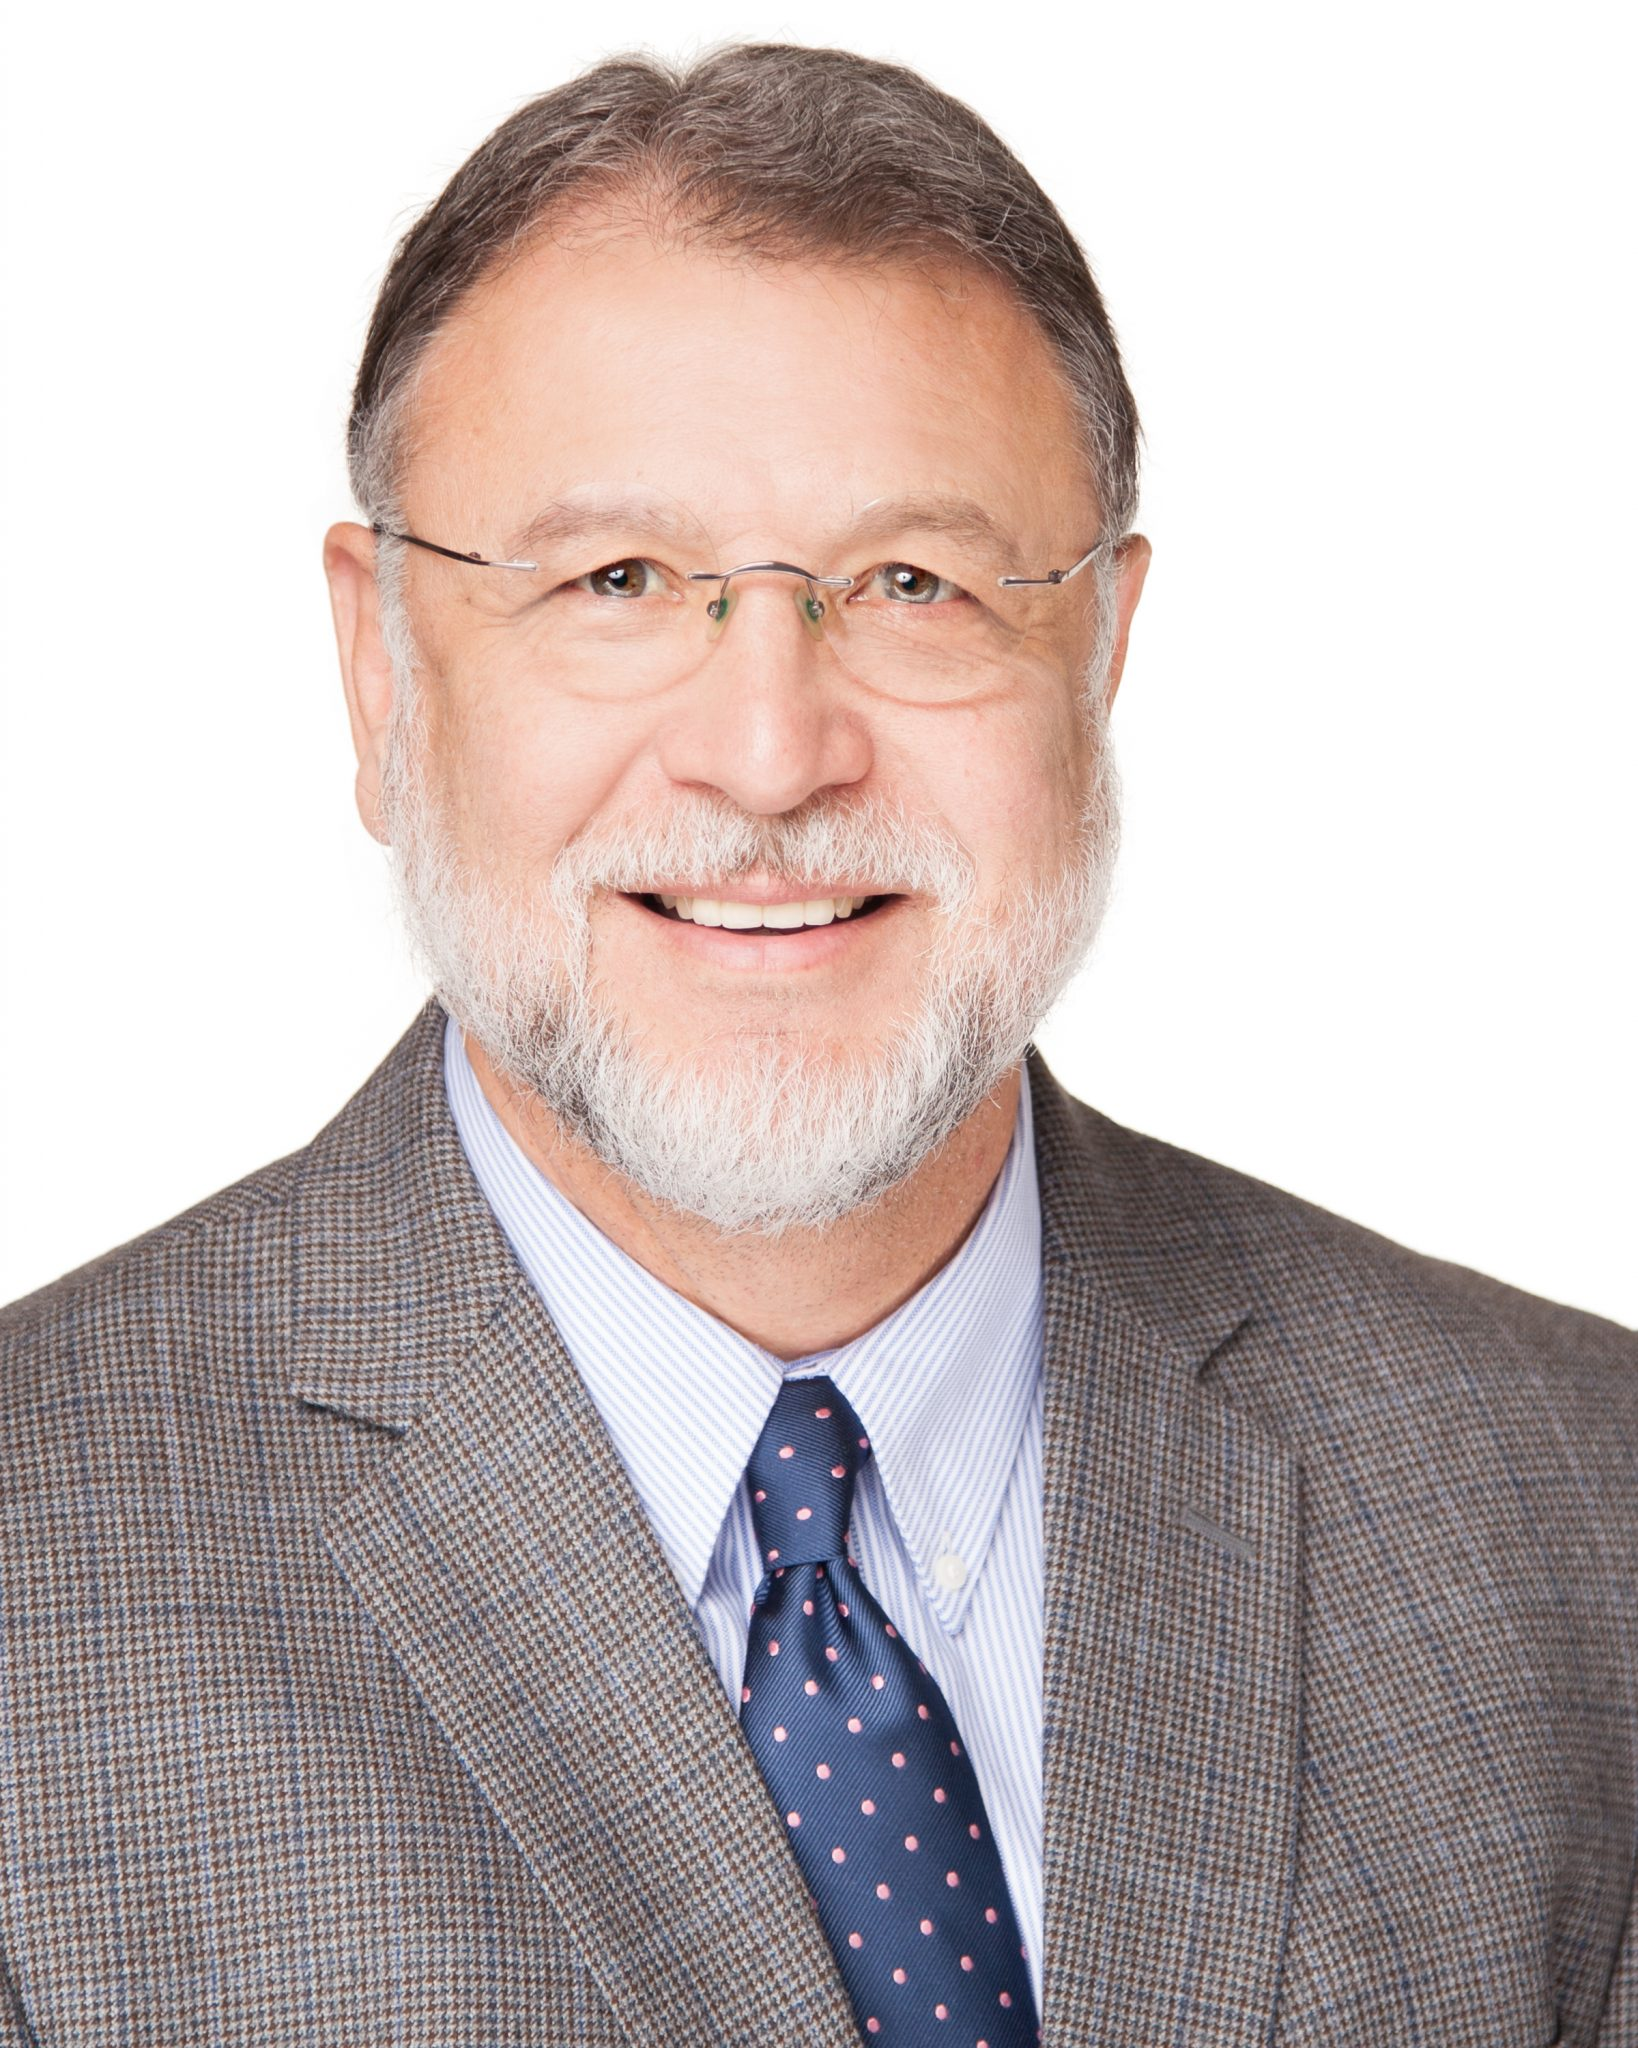 Jose Antonio Lozano, OPA, FSA, MD